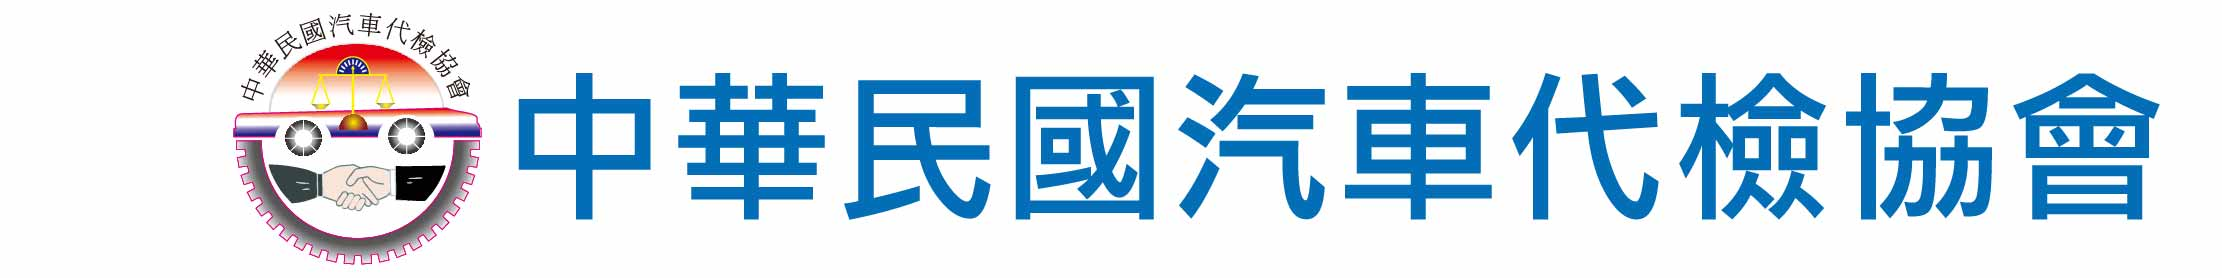 中華民國汽車代檢協會